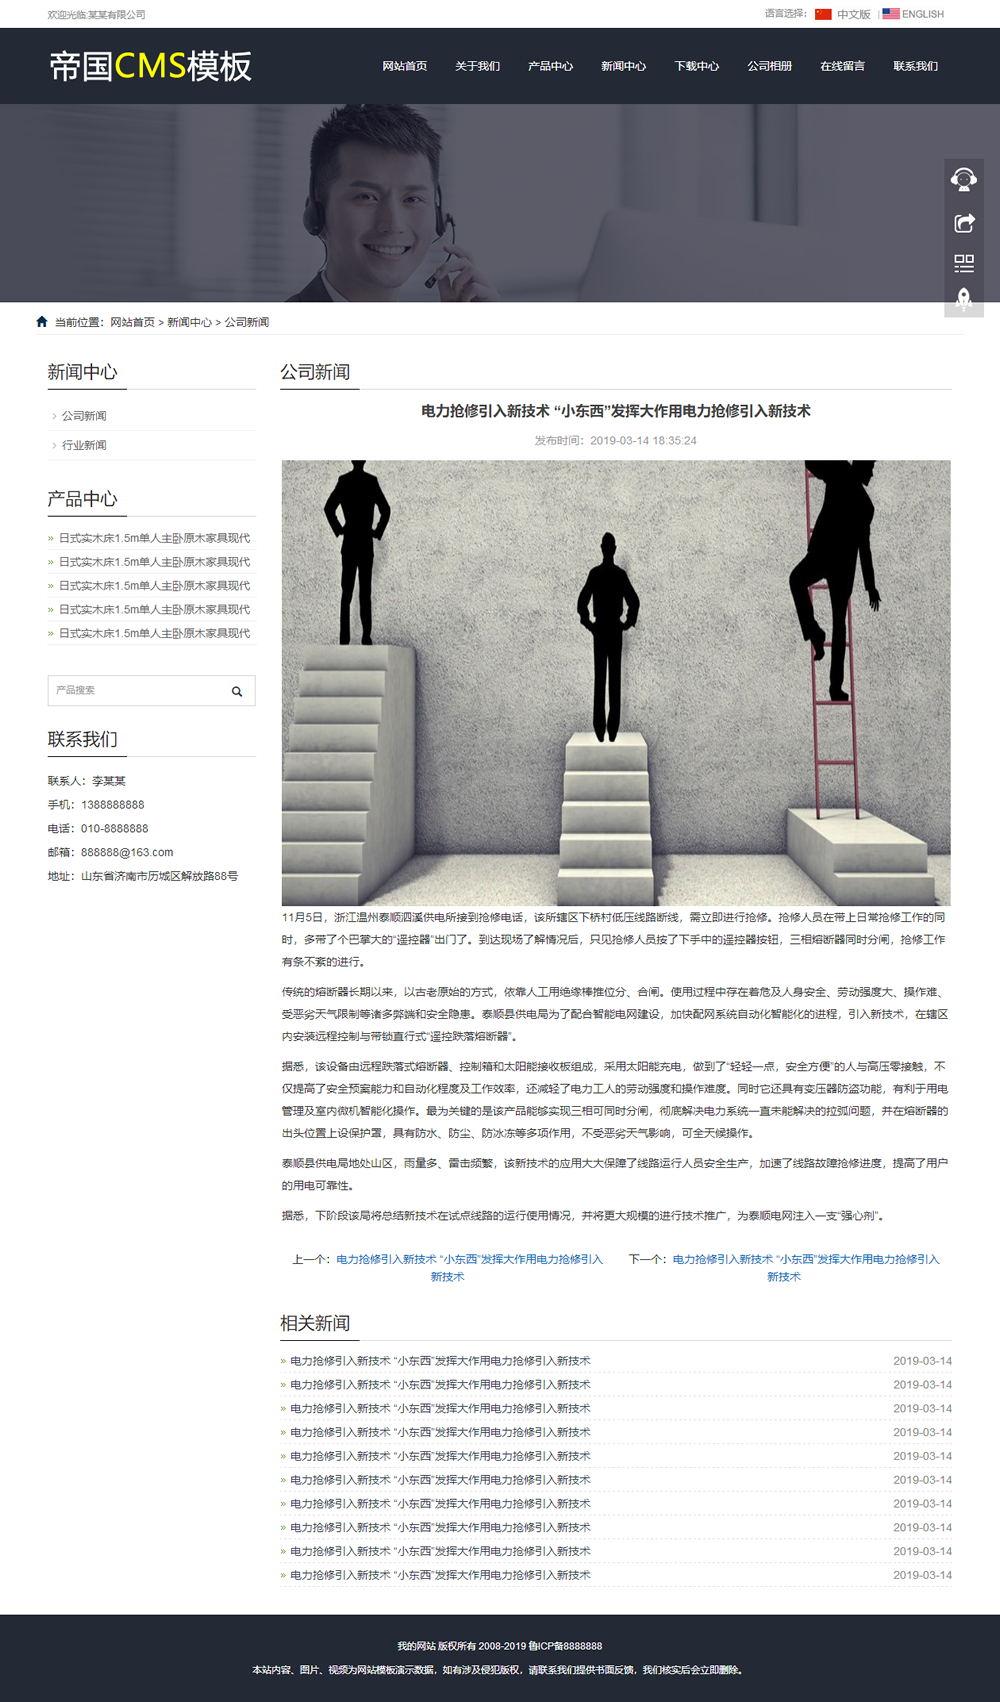 帝国CMS中英文双语响应式自适应通用公司企业网站模板_文章内容页